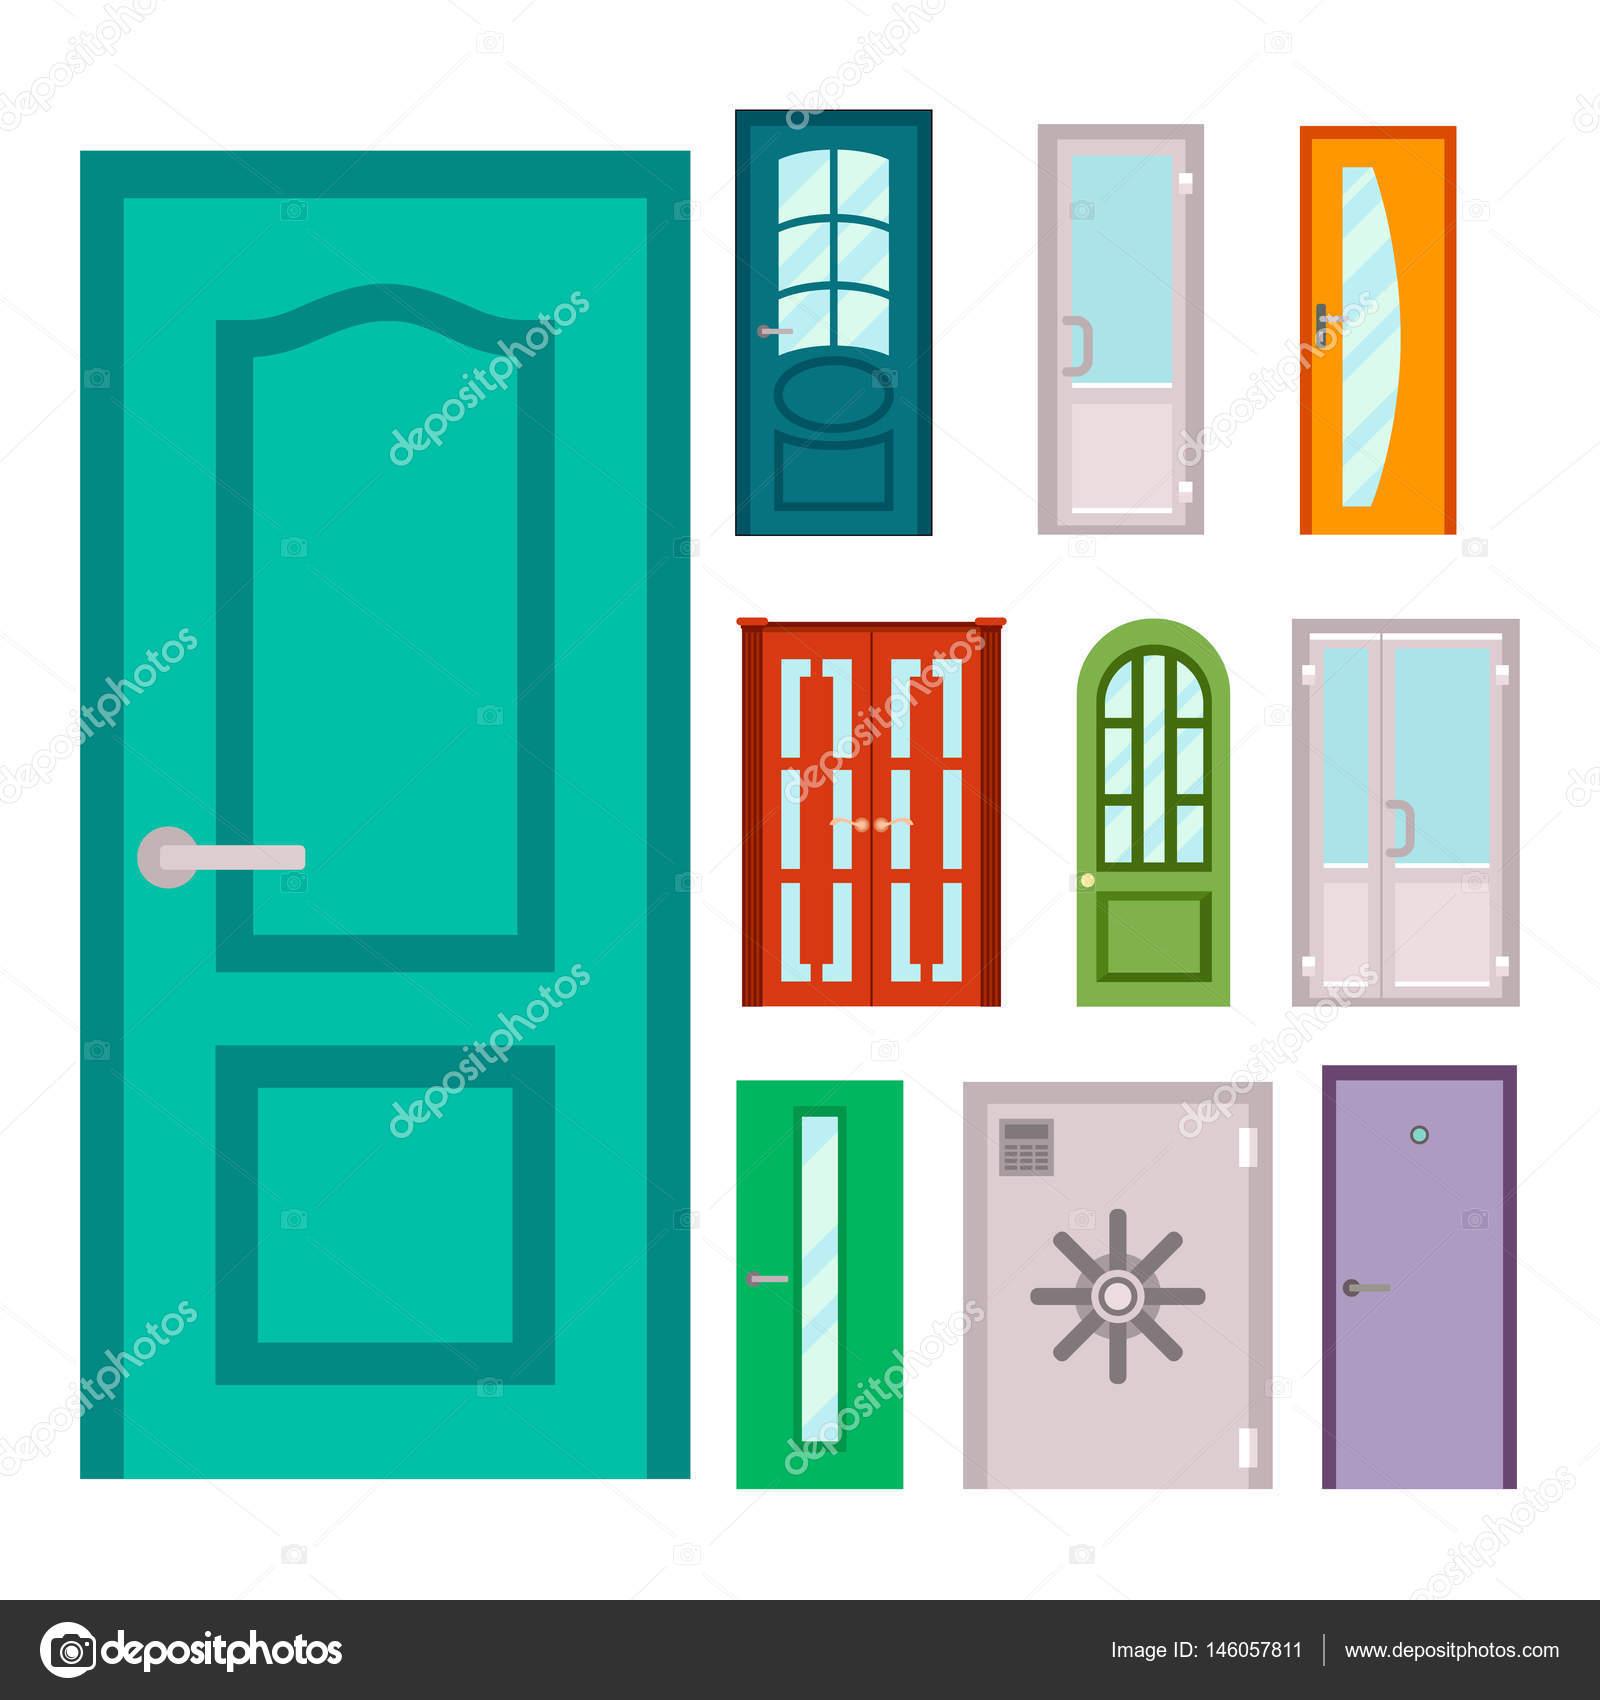 Jeu De Portes De Couleur. Portes Colorées Aux Maisons Et Aux Bâtiments En  Style Design Plat Isolé. Vector Illustration Portes Isolées Nouvelle  Décoration ...